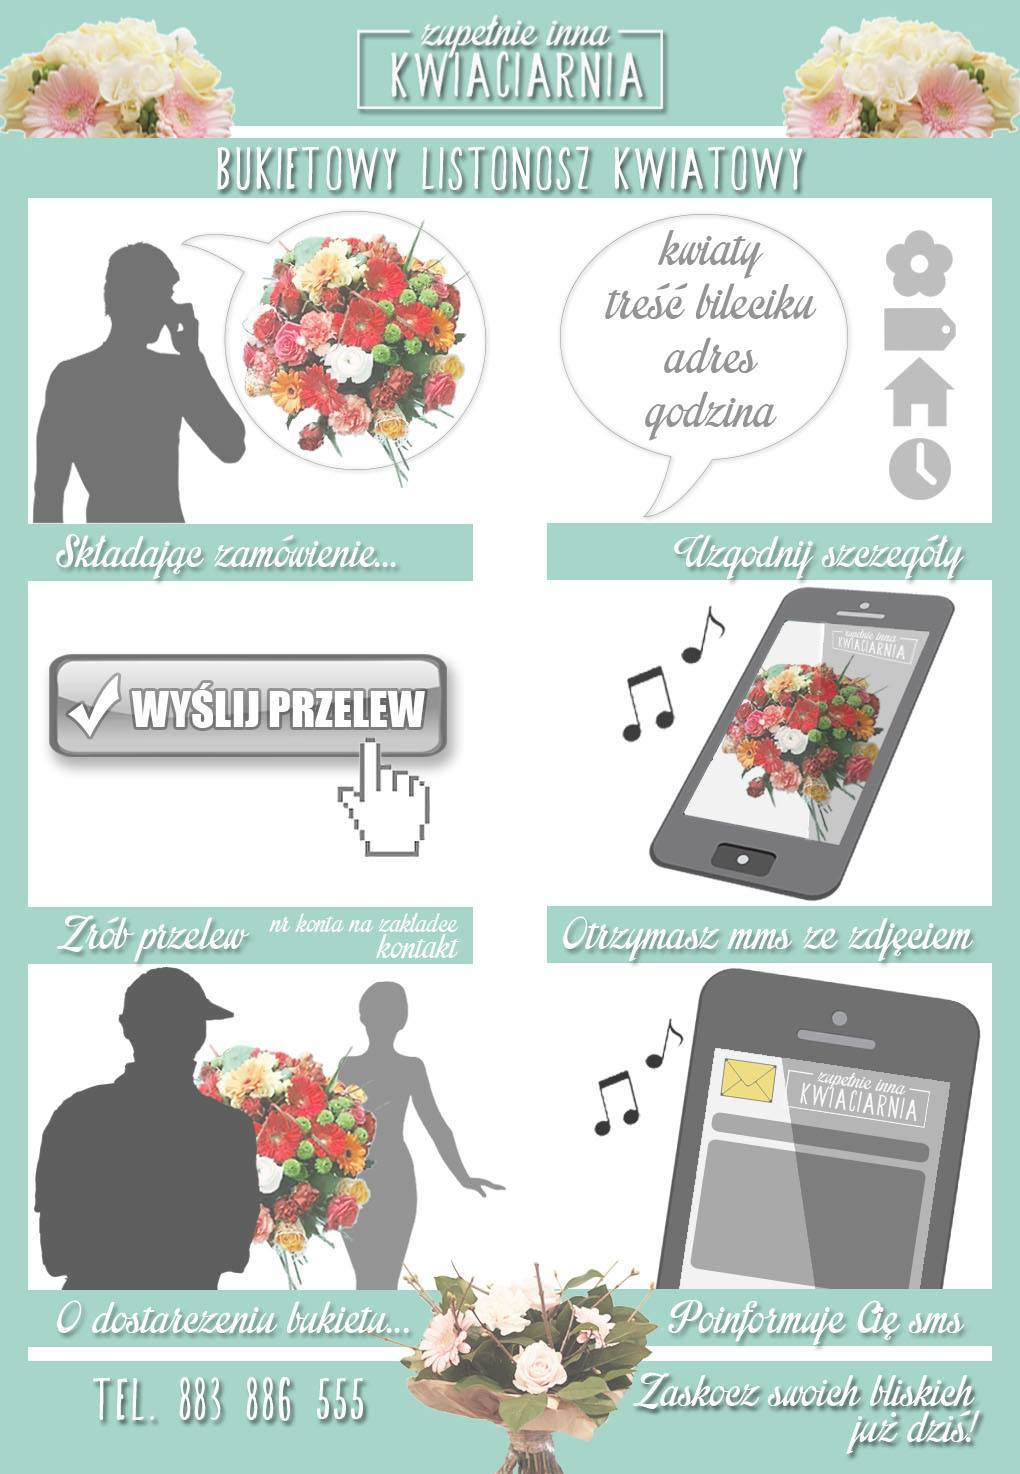 kwiaciarnia-zupelnie-inna-poczta-kwiaty